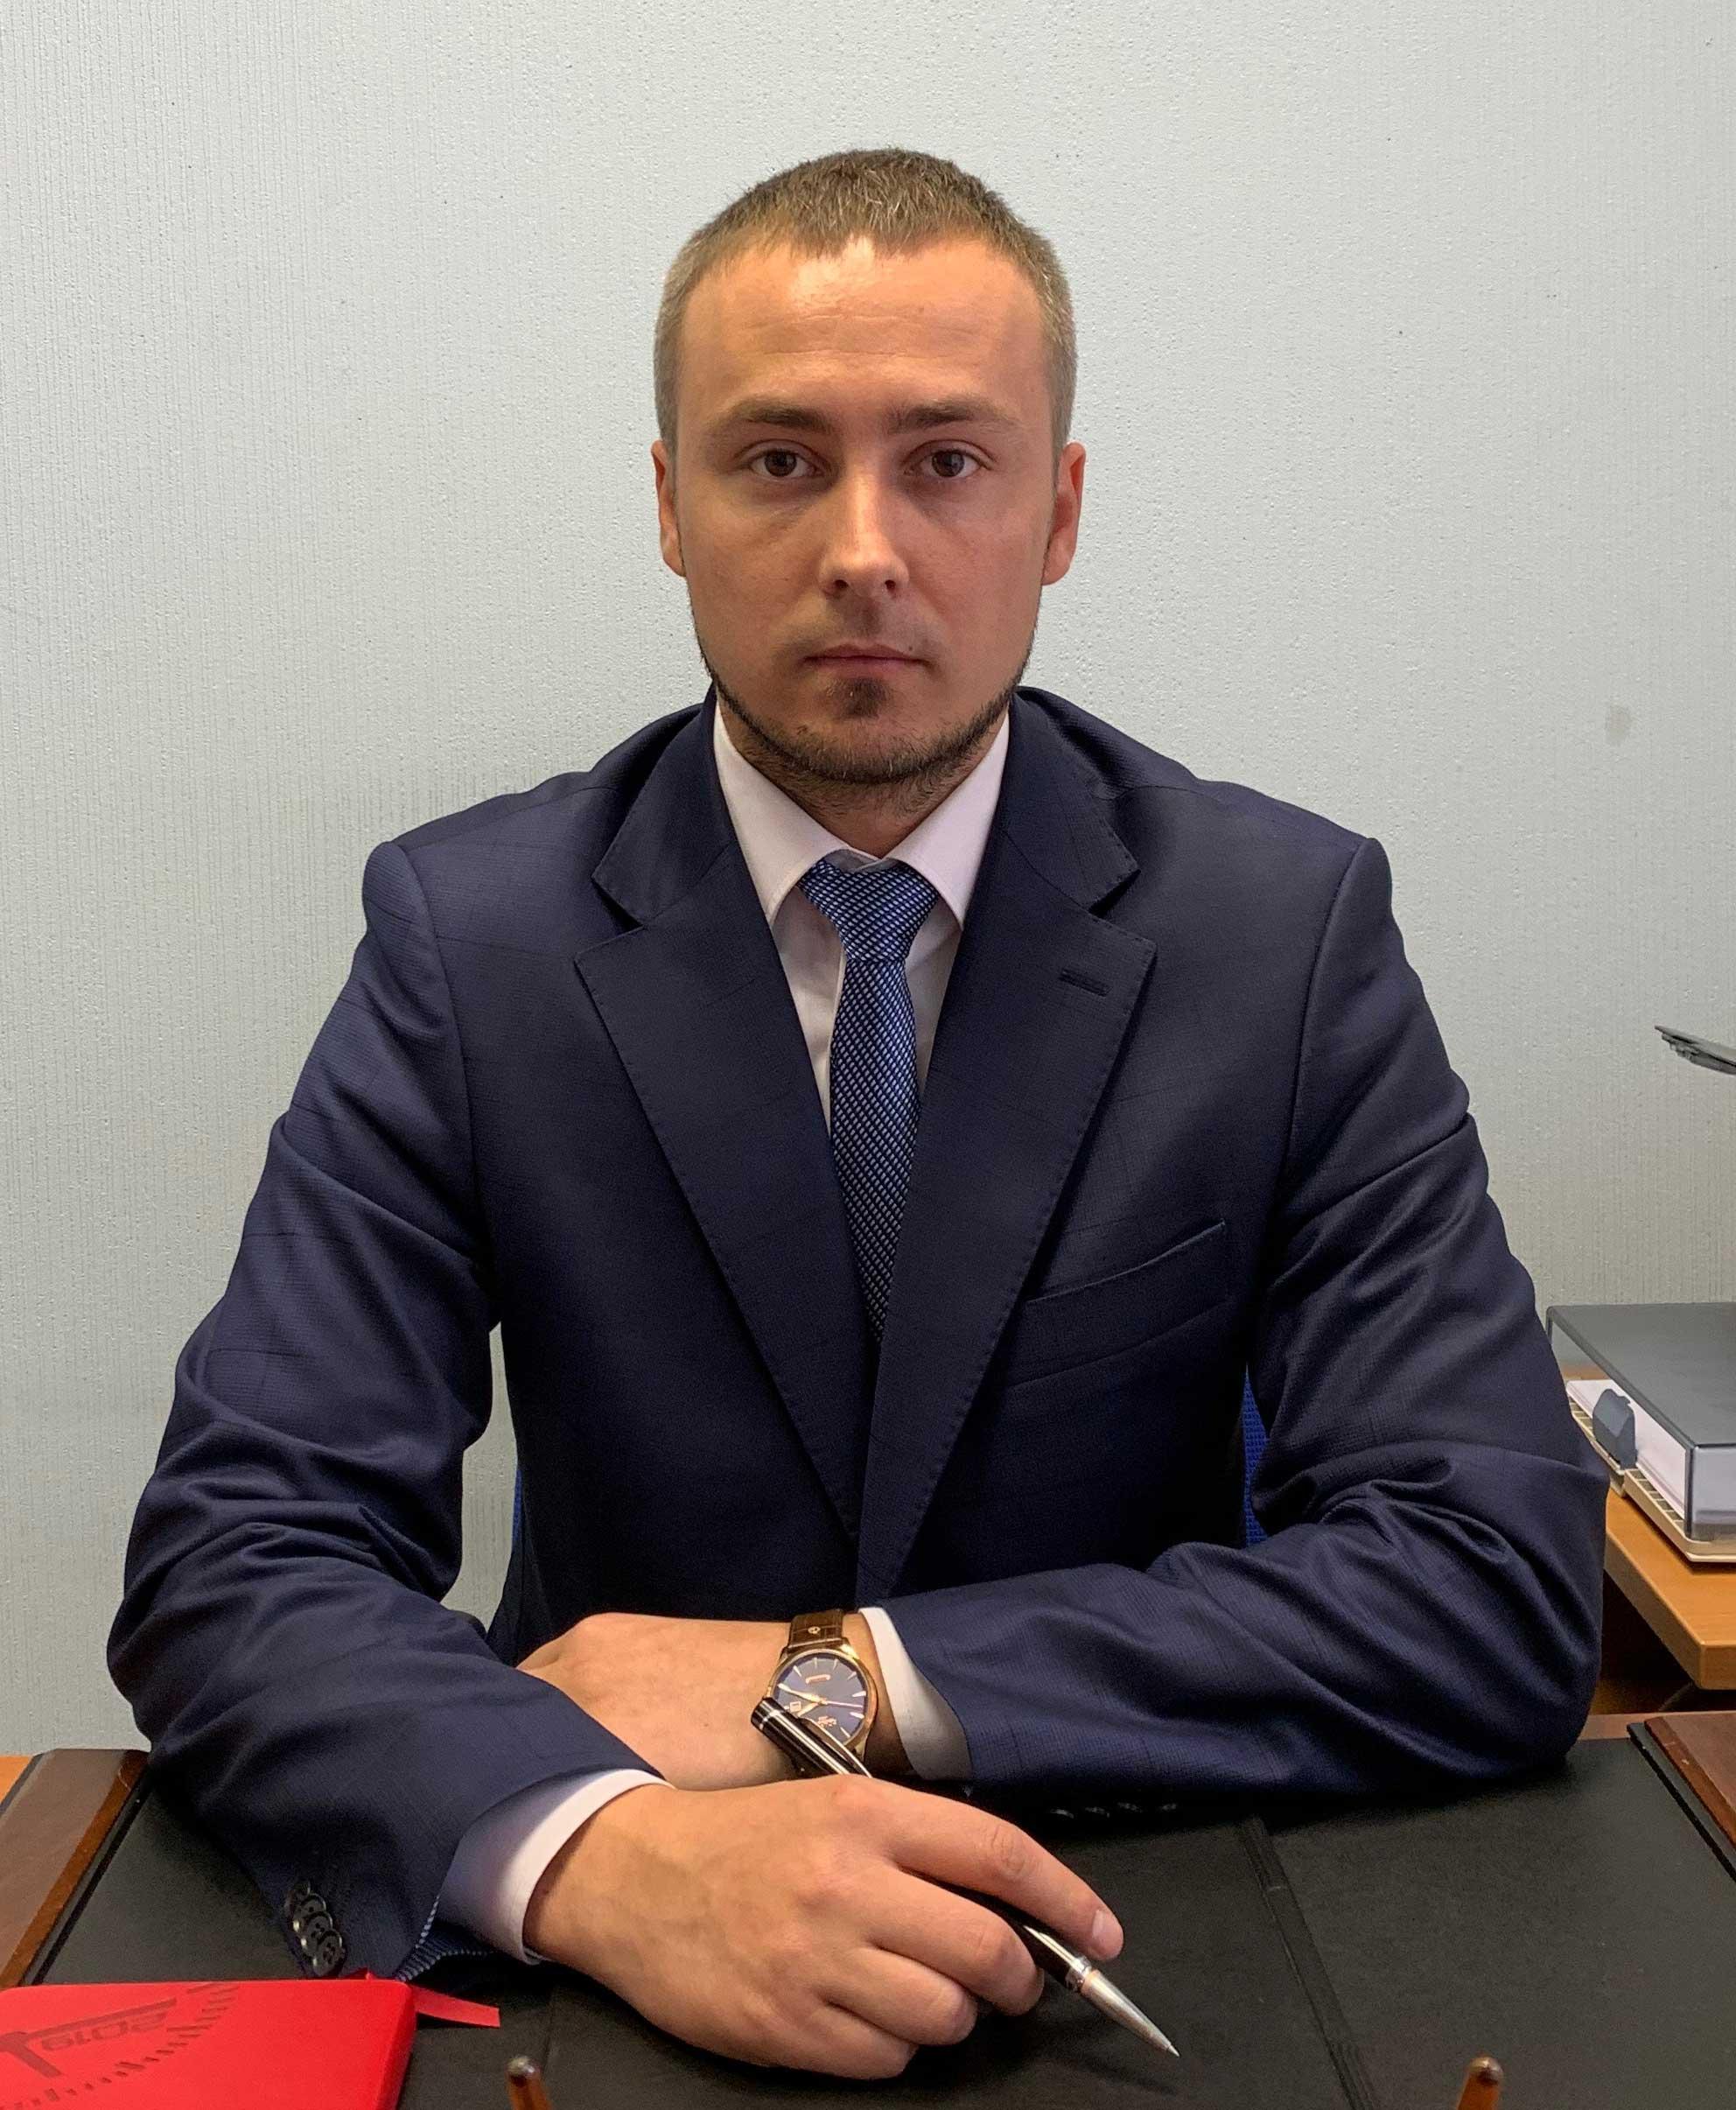 Долганов Вячеслав Владимирович